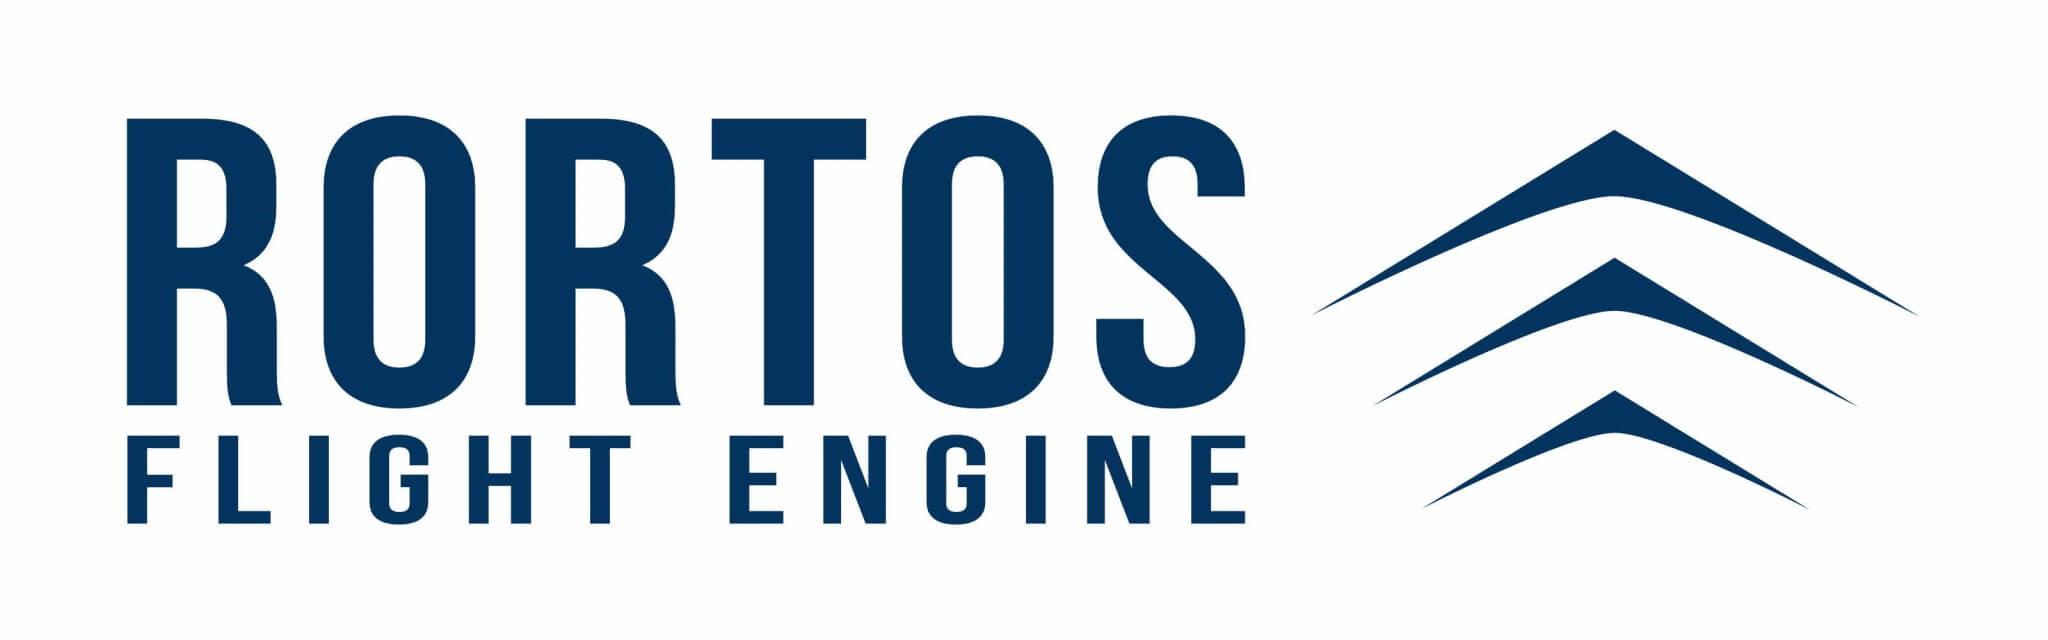 Rortos Logo (Bildrechte bei Rortos)